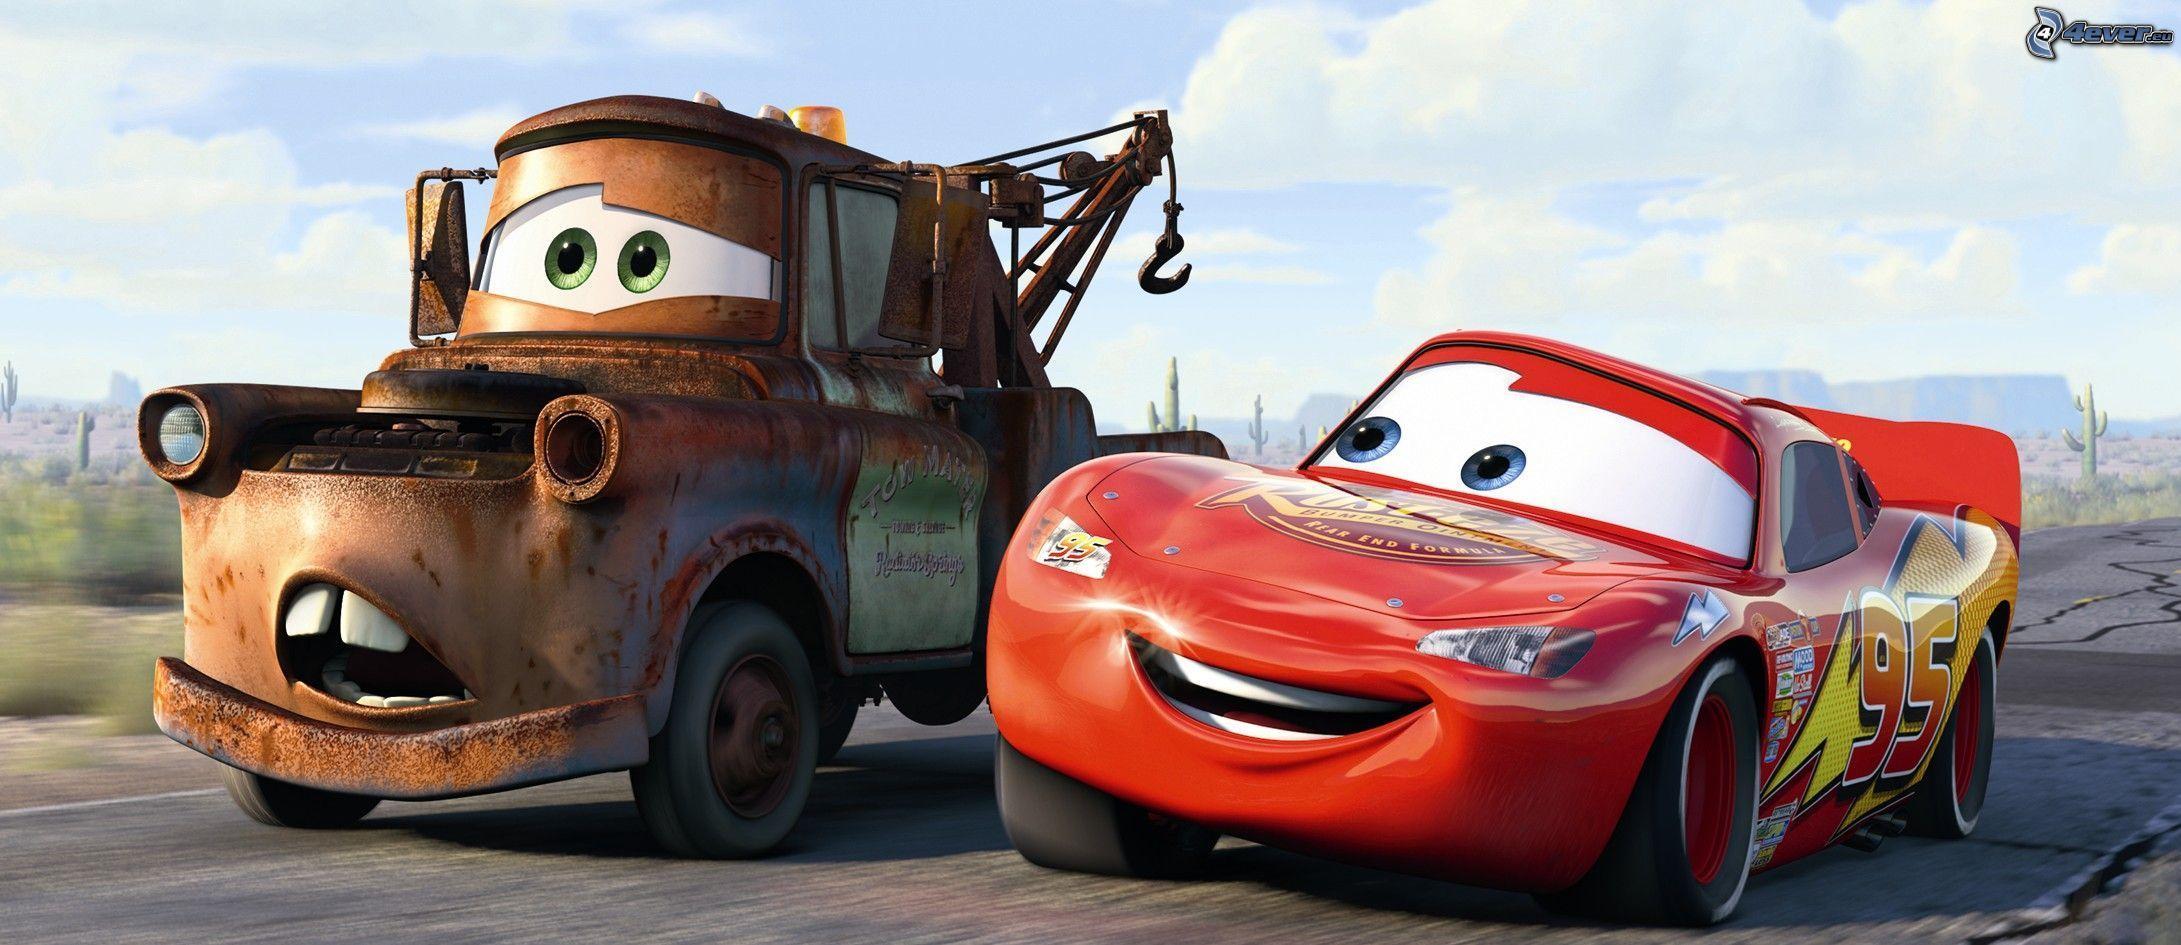 Cars 4: ¿Está confirmada la cuarta película del Rayo McQueen? Te decimos cuándo es la fecha de estreno